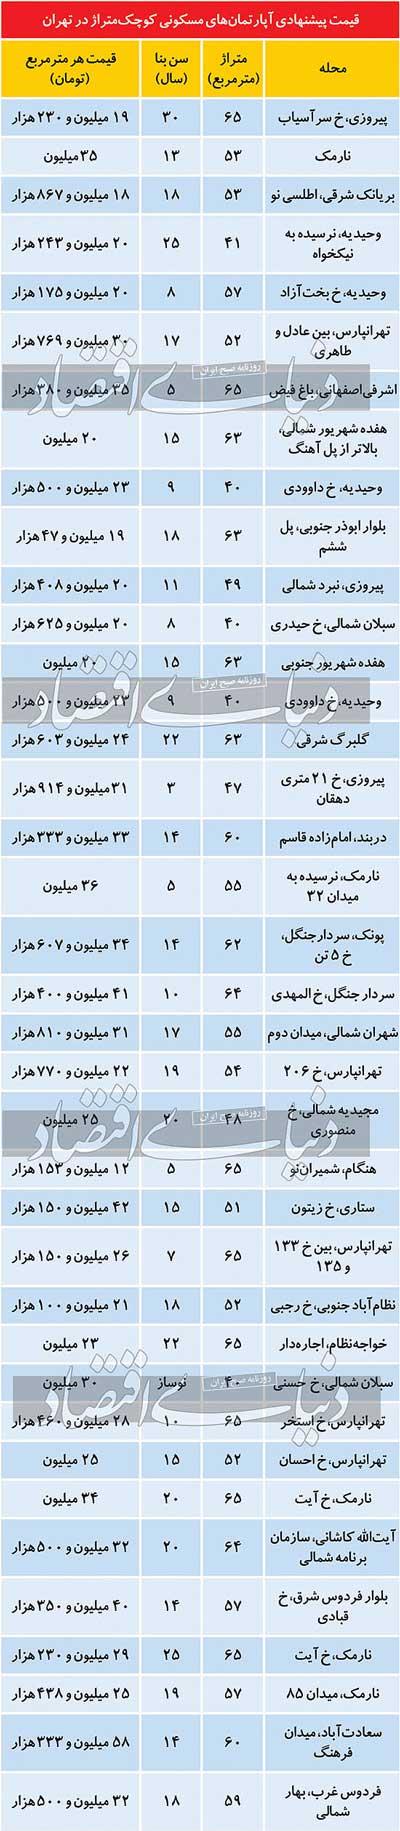 قیمت آپارتمانهای متراژ کوچک در تهران